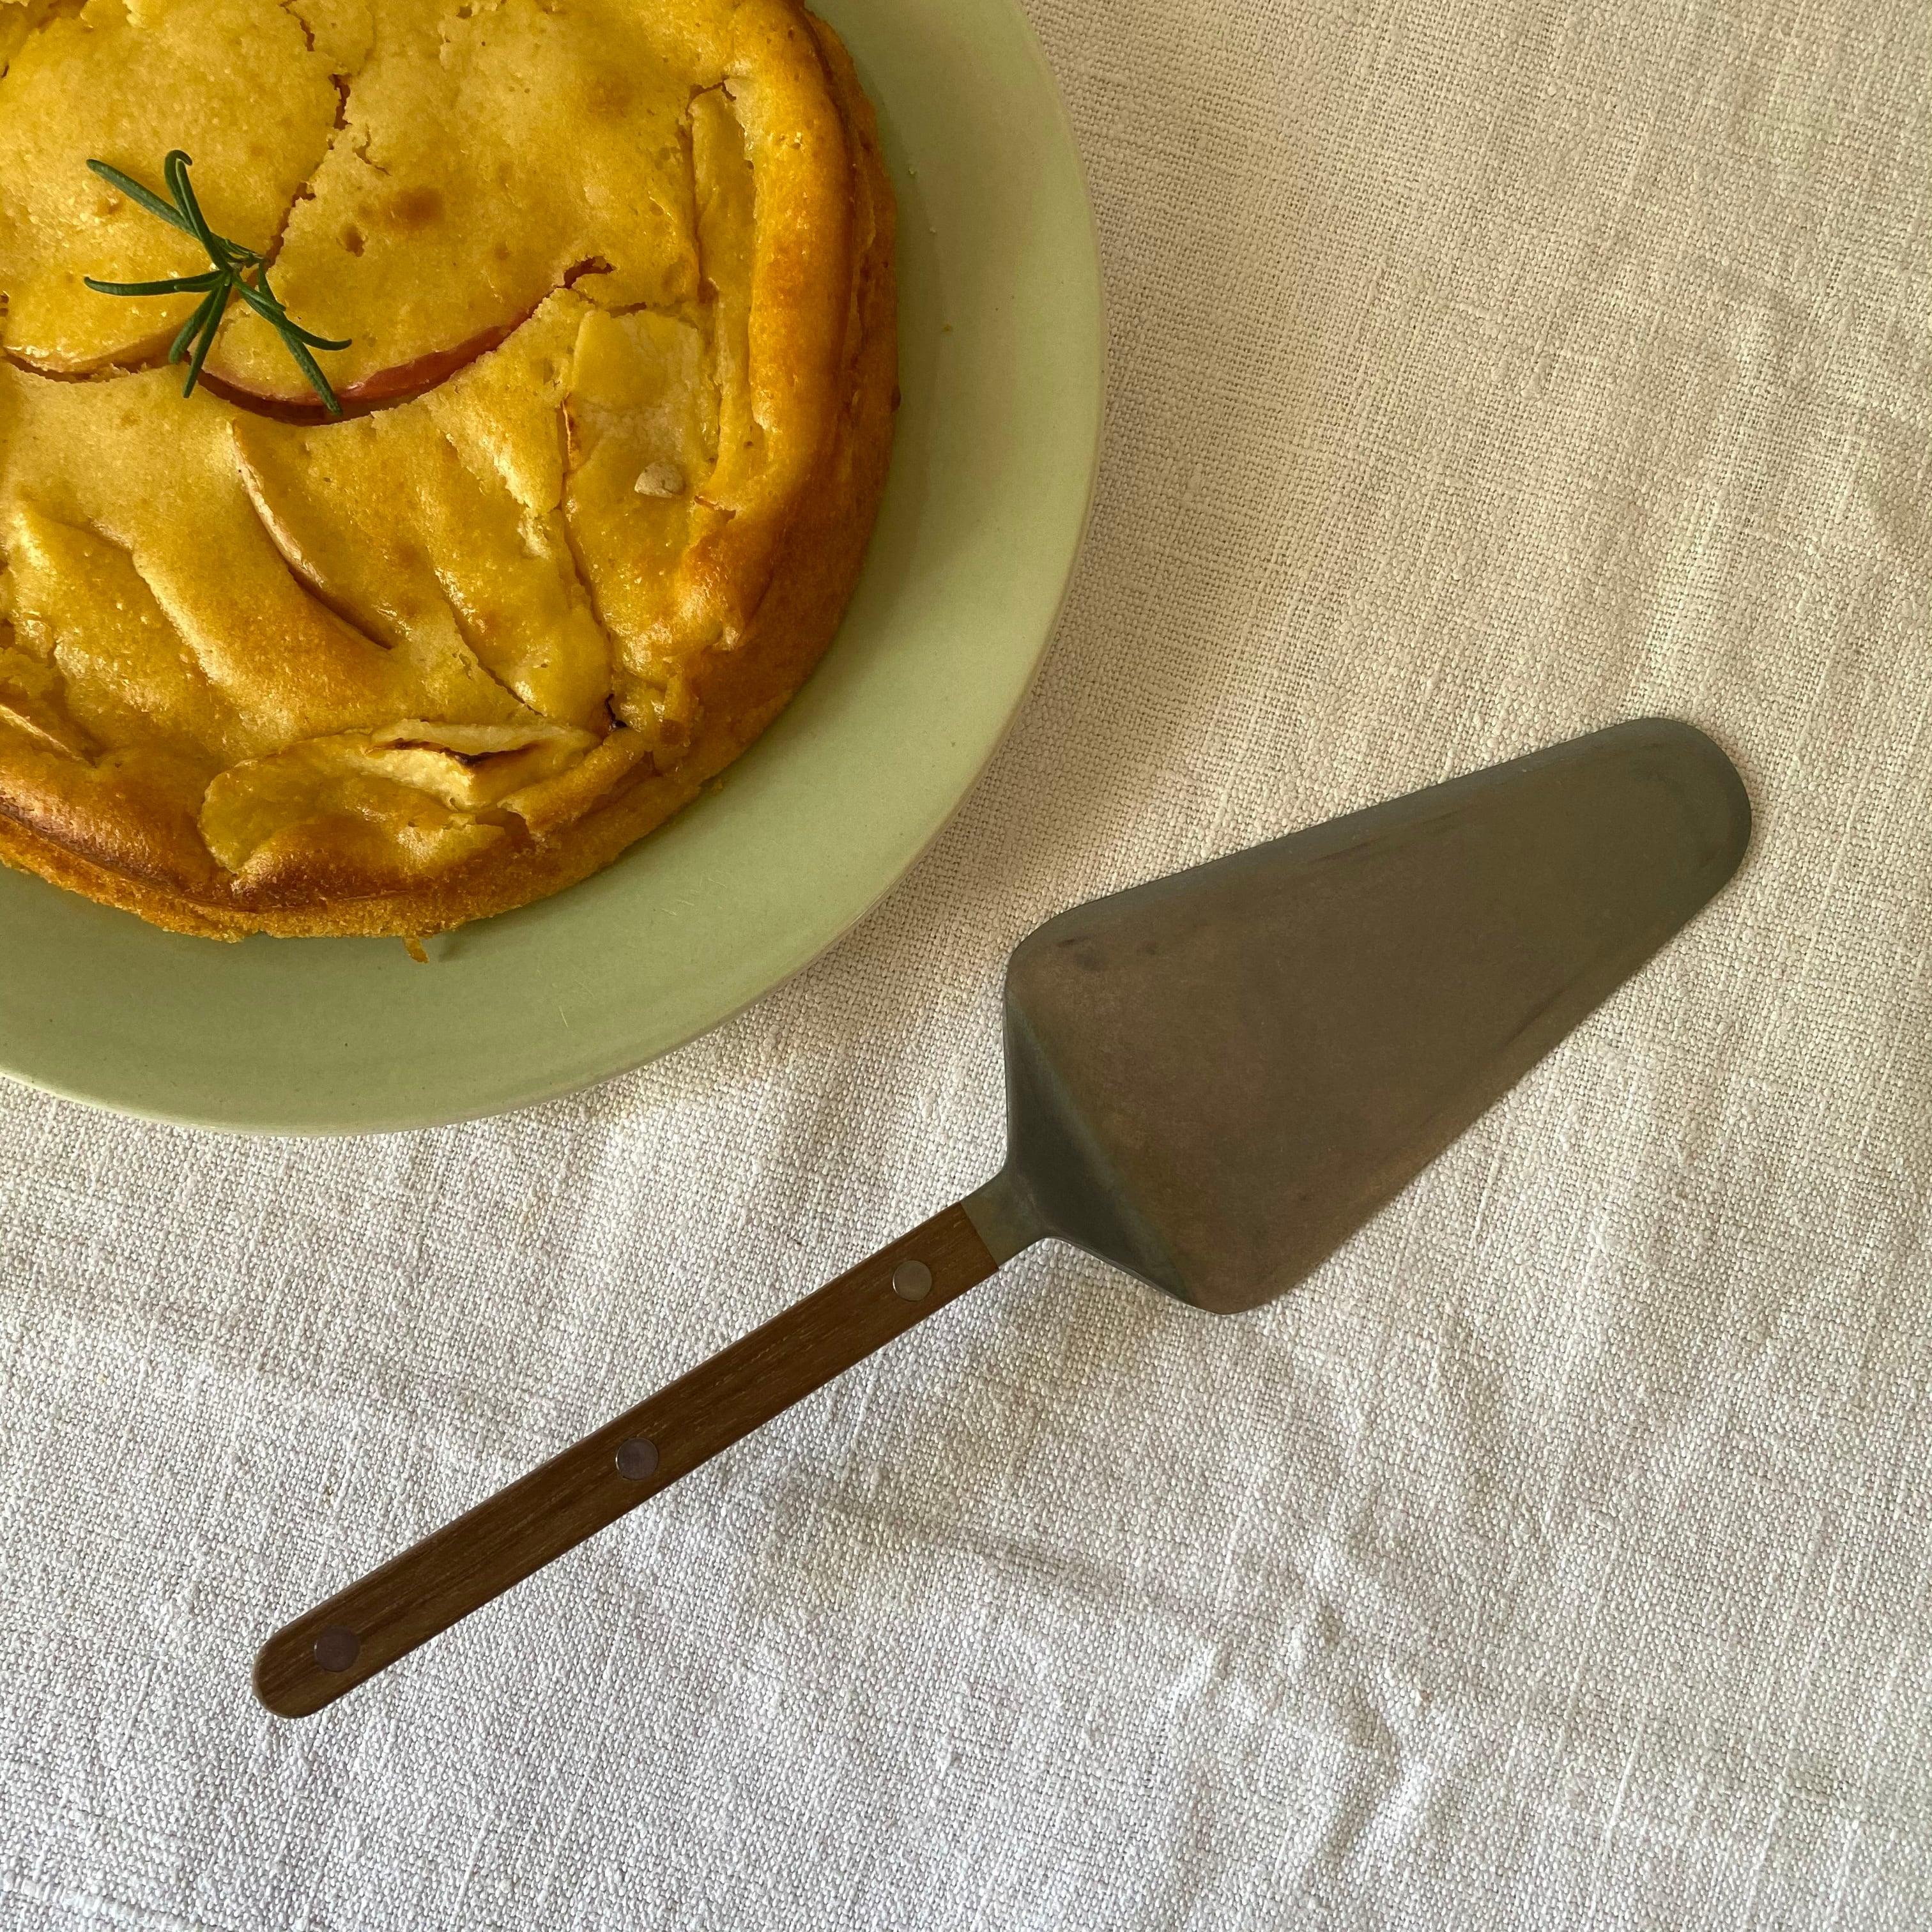 [現行品] SABRE ビストロ ヴィンテージマット チーク ケーキサーバー